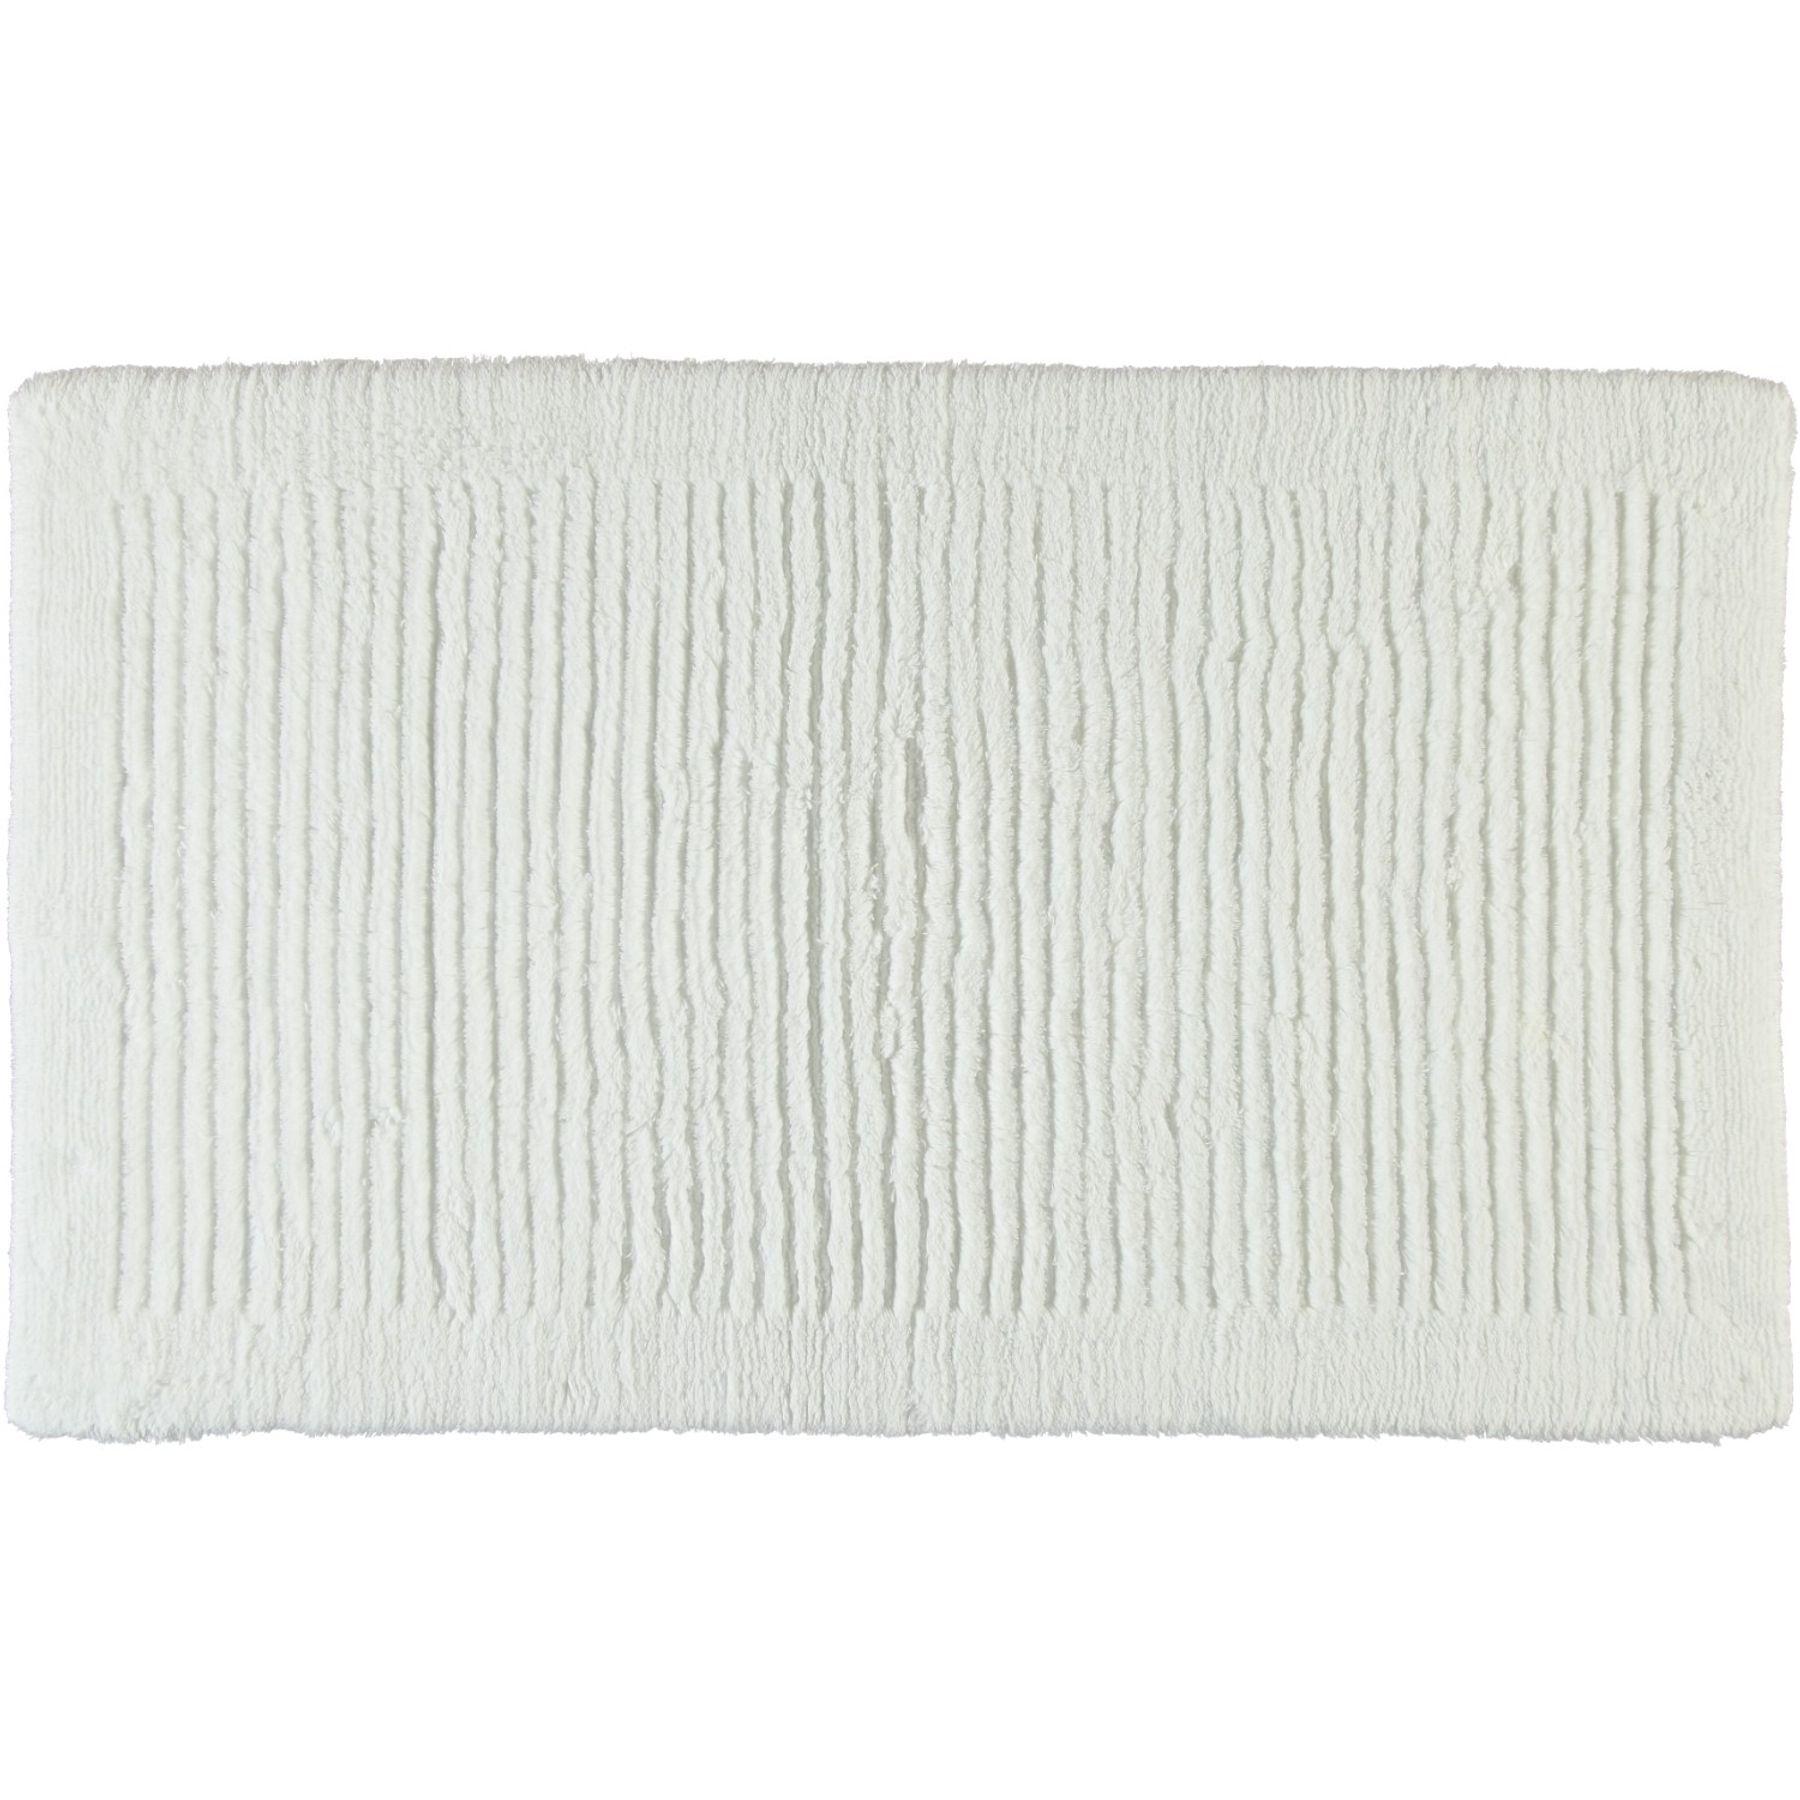 Cawö - Handgewebter Badteppich in verschiedenen Farben und Größen (1002) – Bild 6